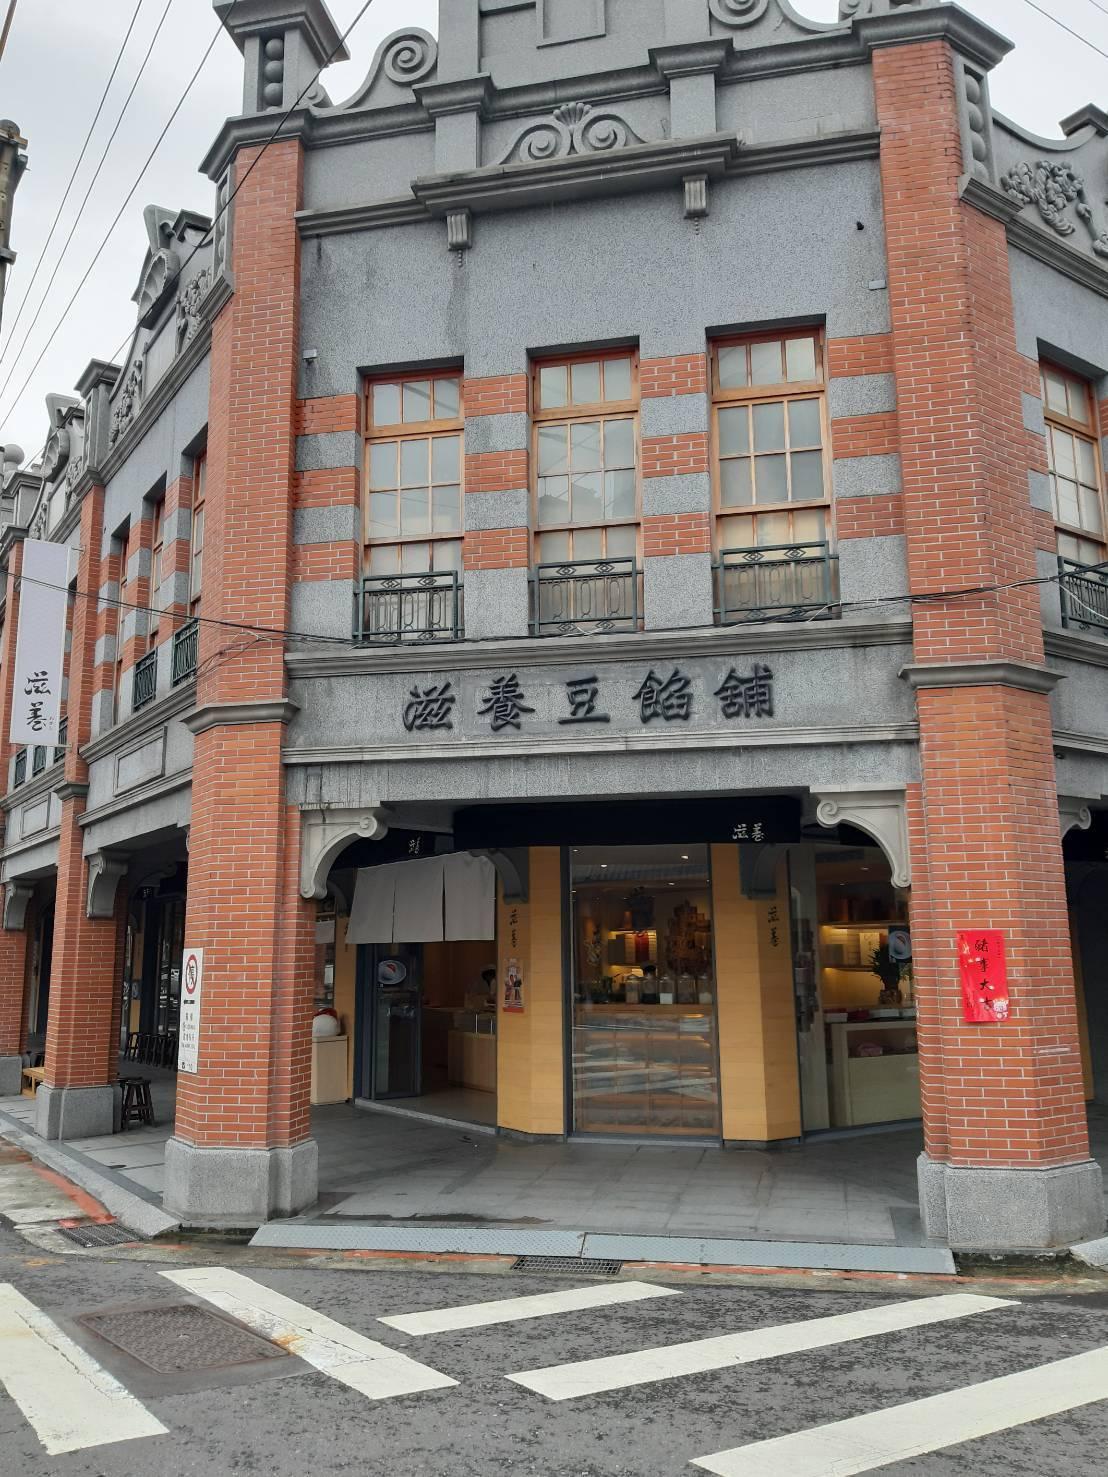 「滋養豆餡鋪」的古風建築是打卡勝地。圖/讀者提供